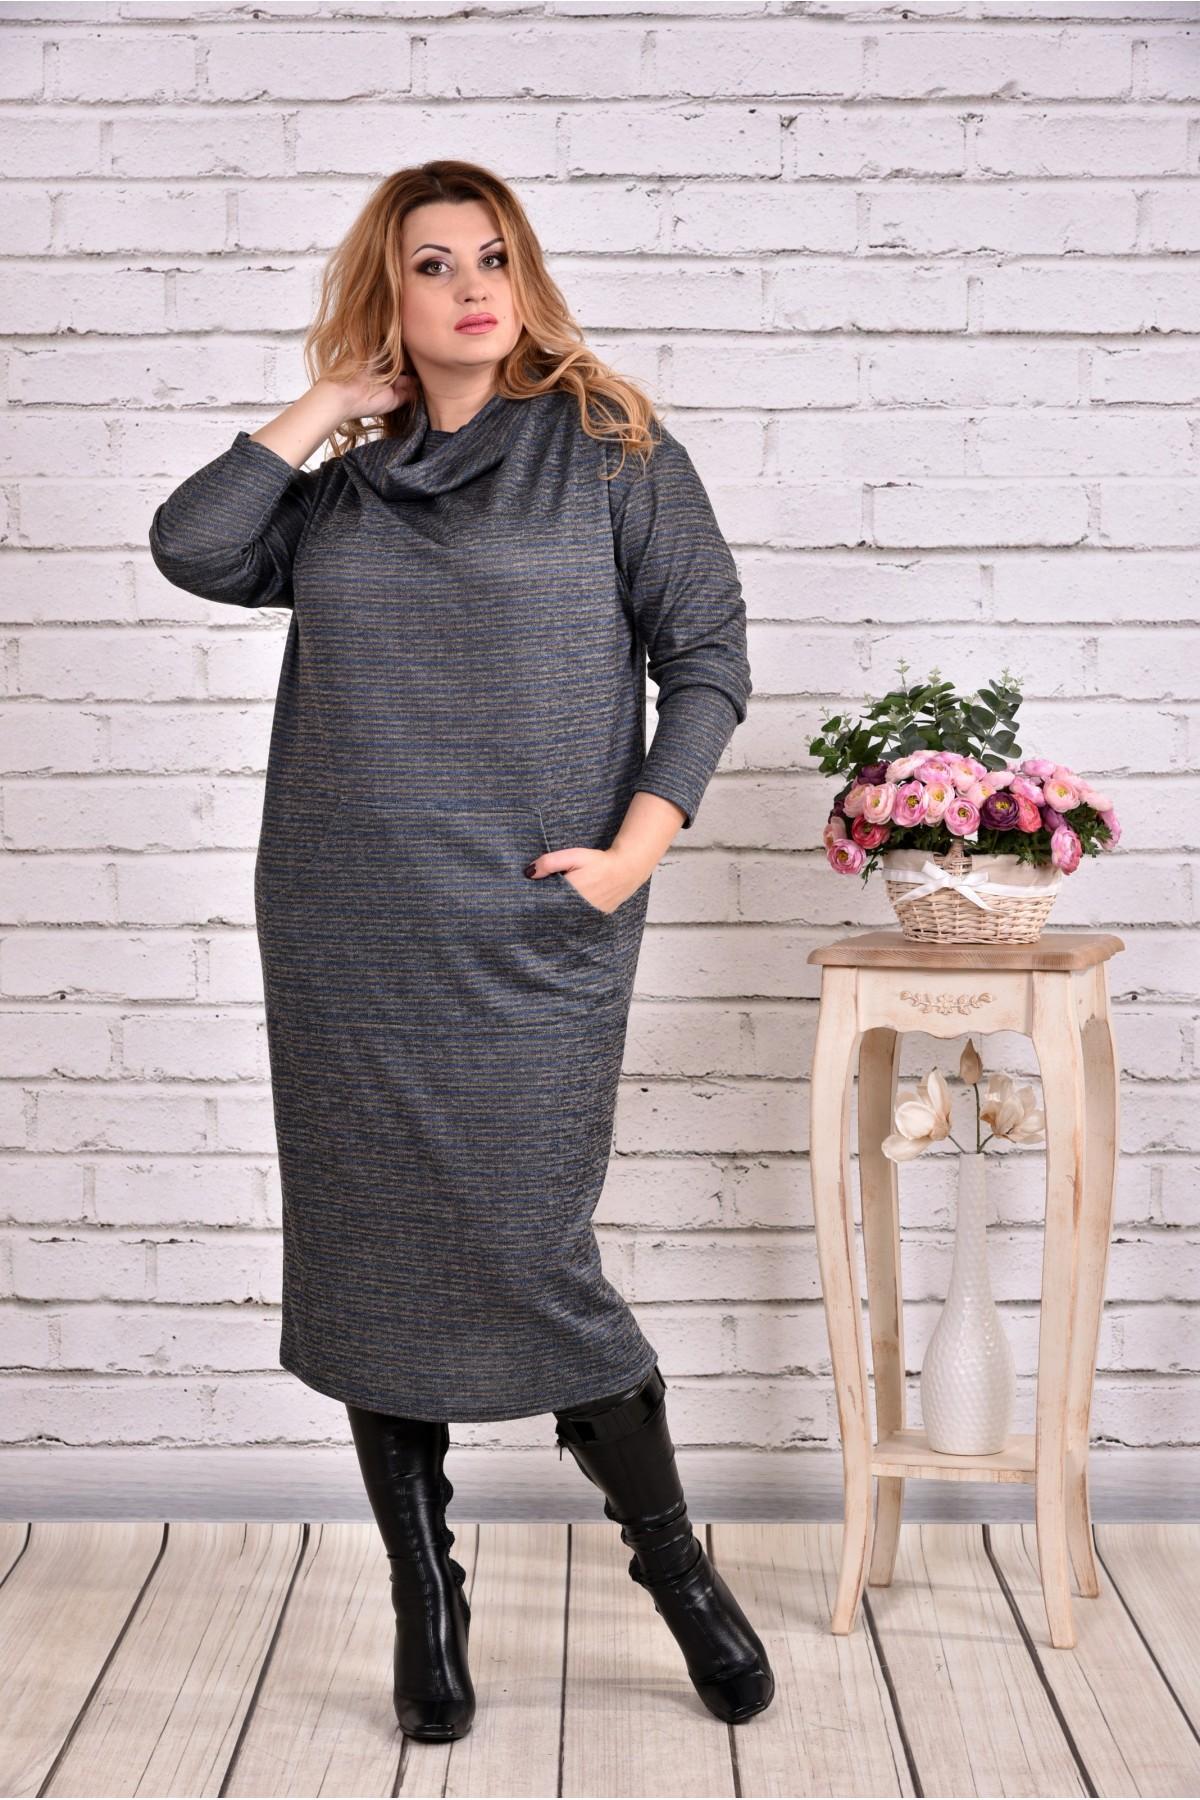 faf9581fe35 Синее длинное платье из ангоры 0624-2 купить недорого в Украине